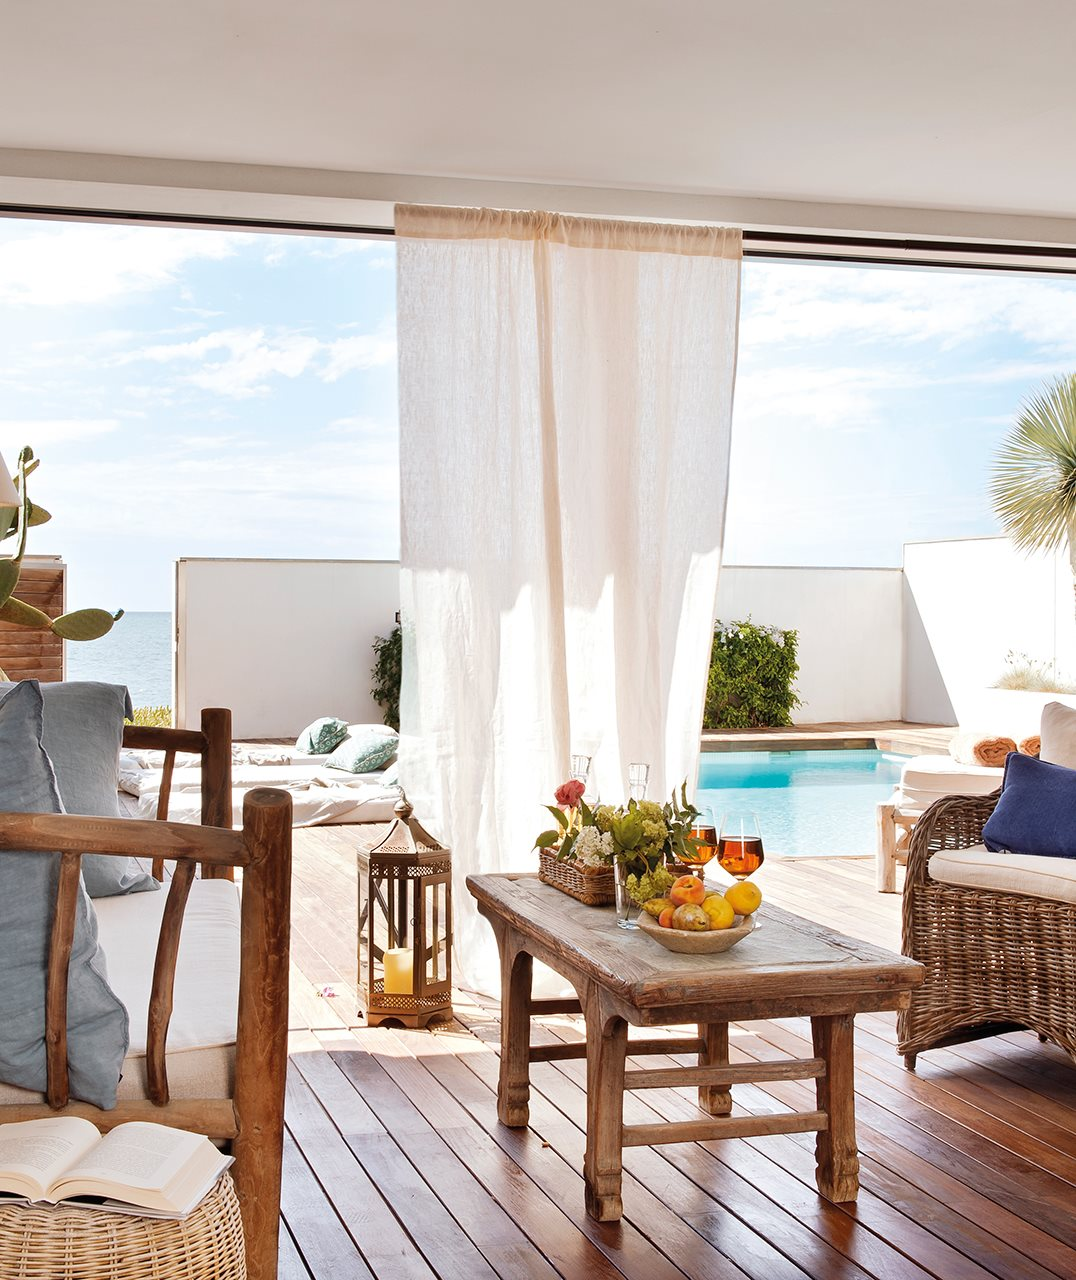 518 - Preciosa casa a orillas del Mediterráneo para unas vacaciones en Costa Blanca (Alicante)